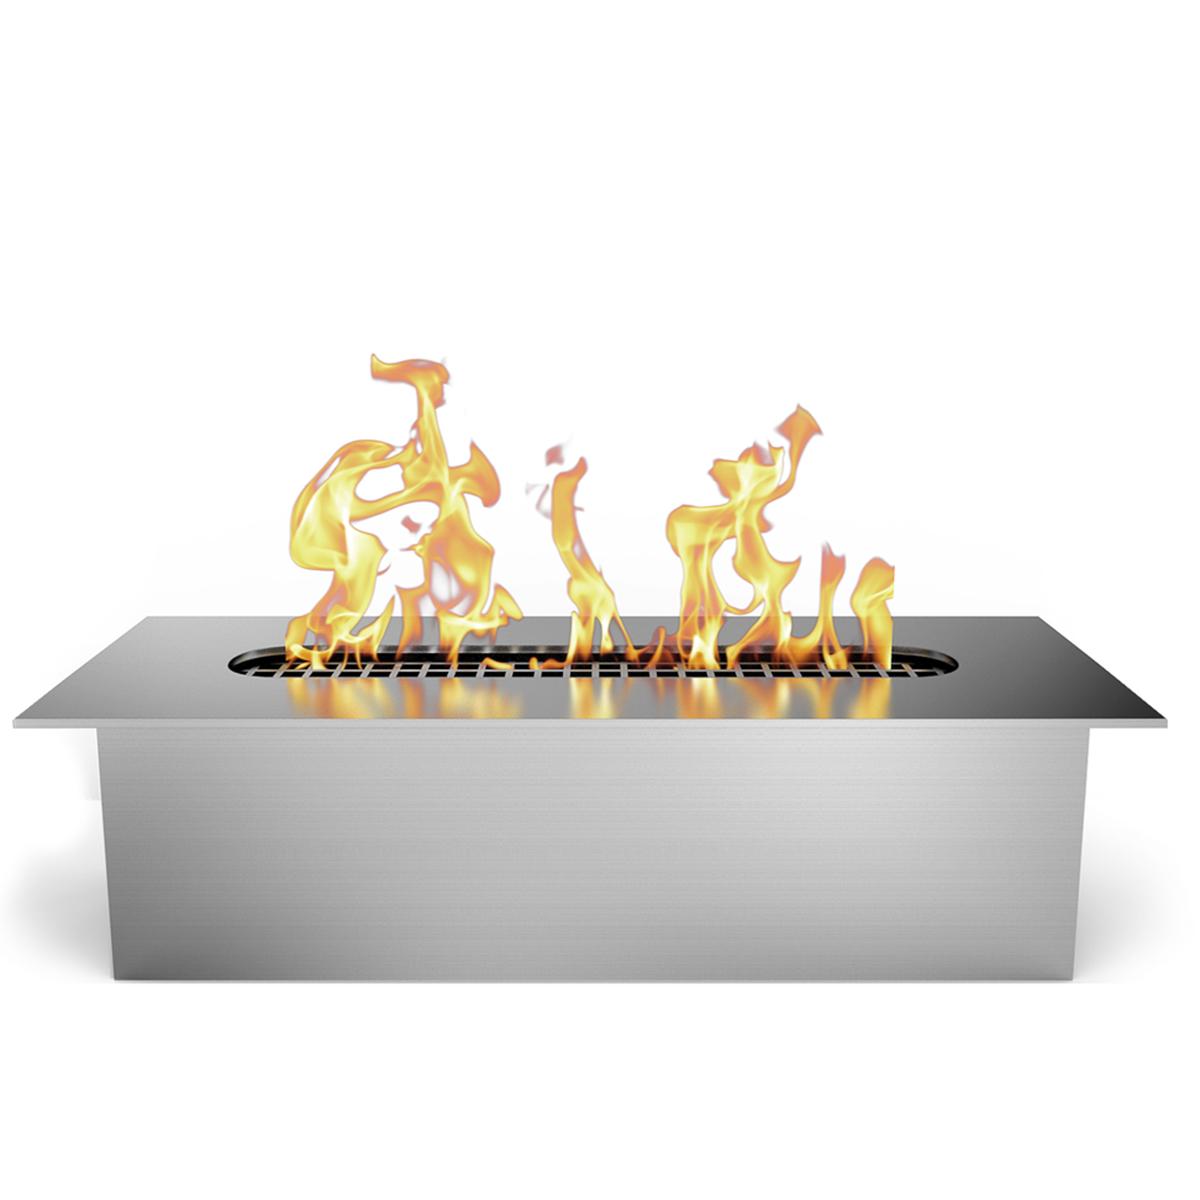 Groovy Regal Flame Slim 8 Inch Bio Ethanol Fireplace Burner Insert 5 Liter Download Free Architecture Designs Scobabritishbridgeorg